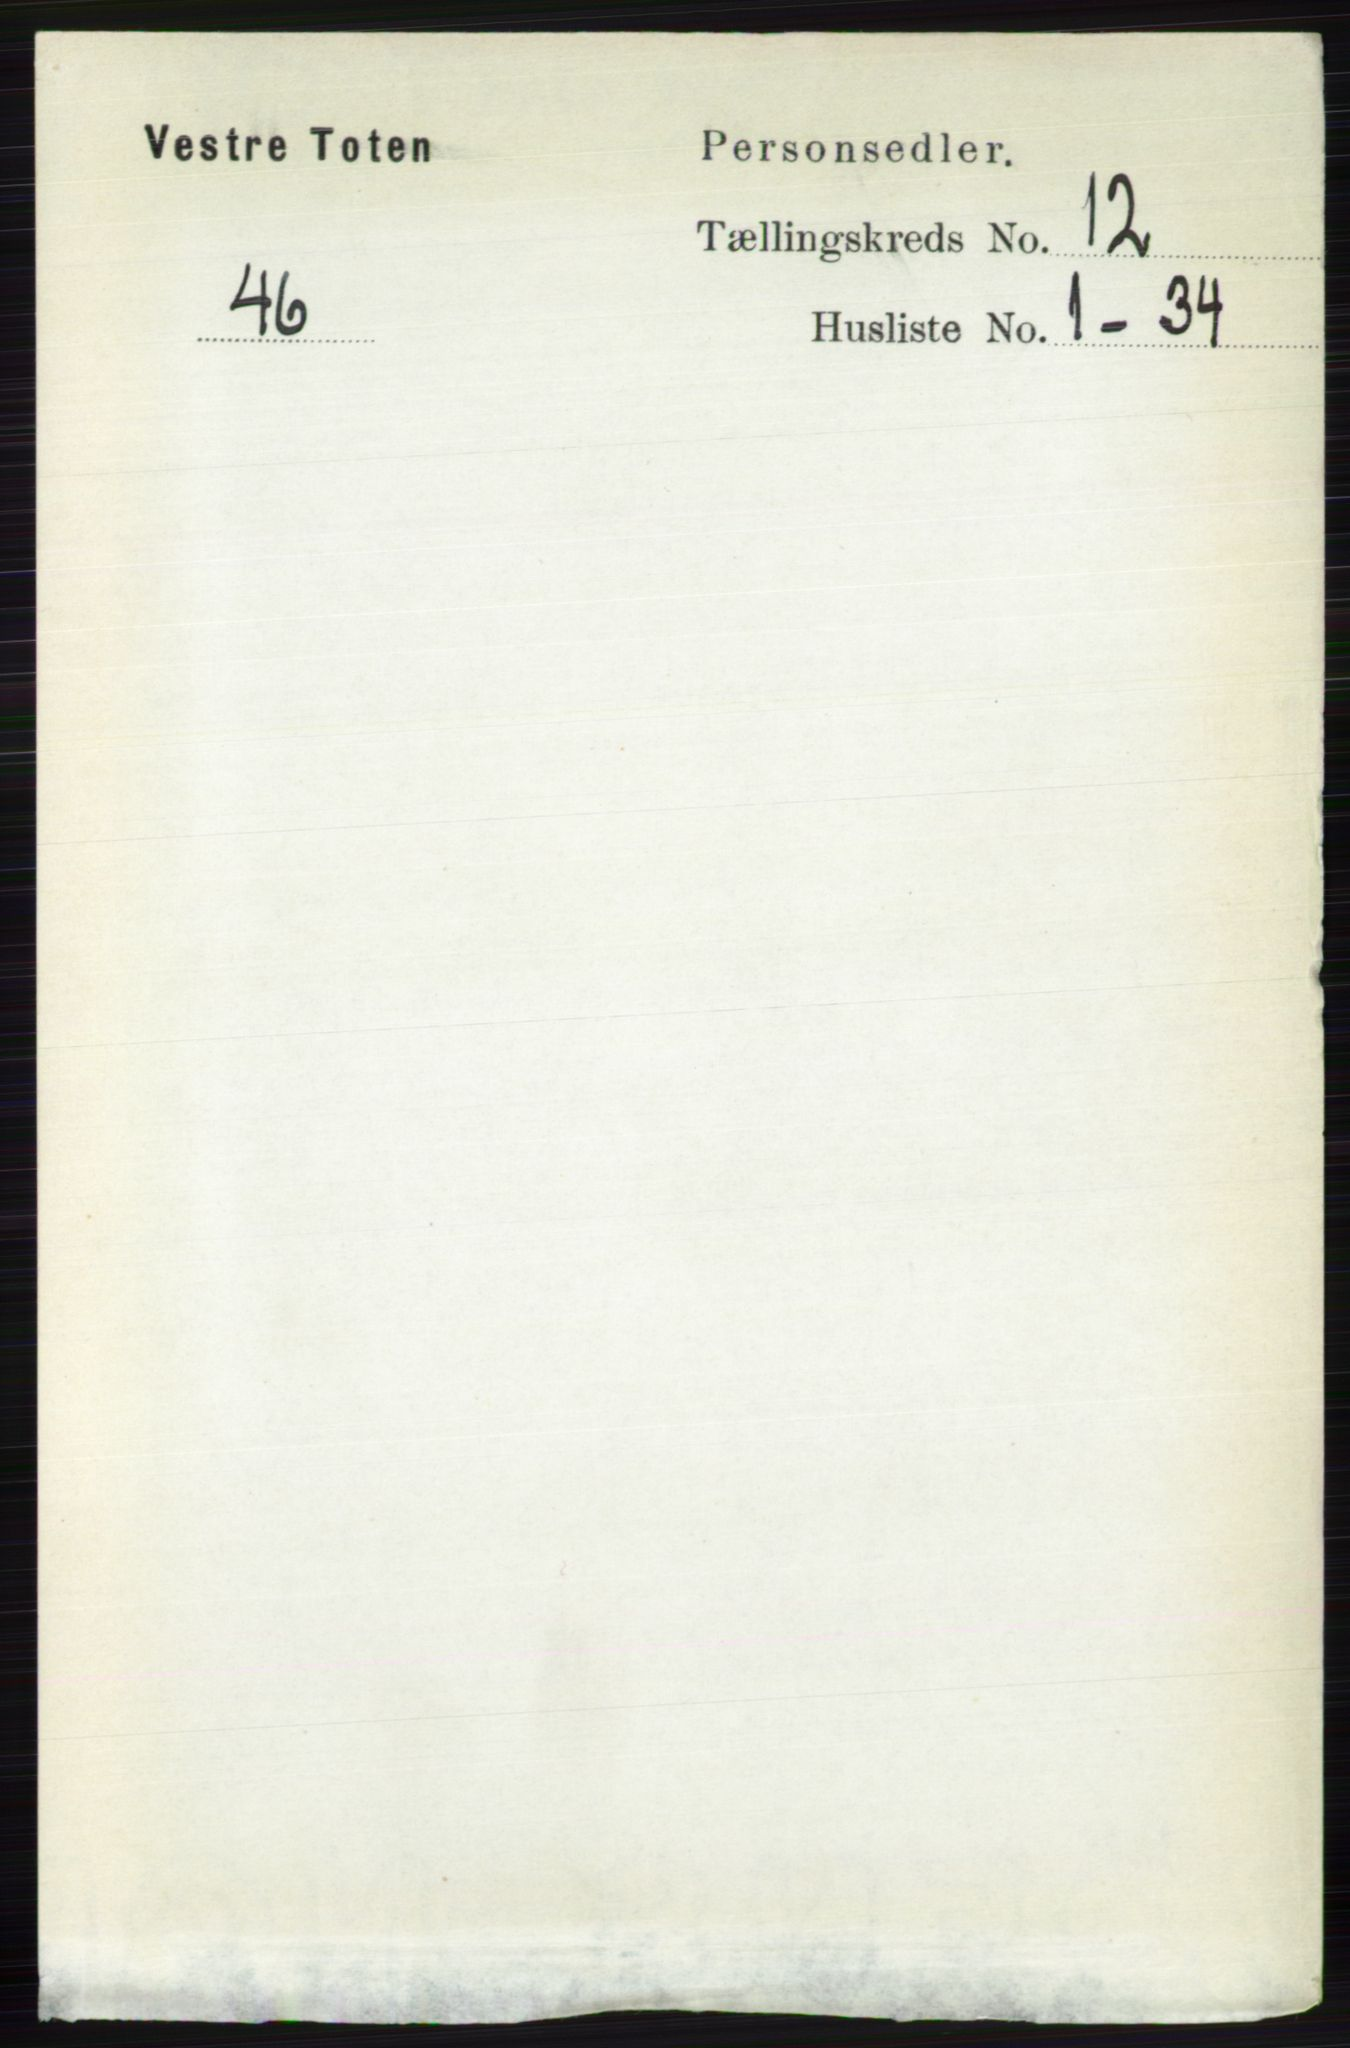 RA, Folketelling 1891 for 0529 Vestre Toten herred, 1891, s. 7276